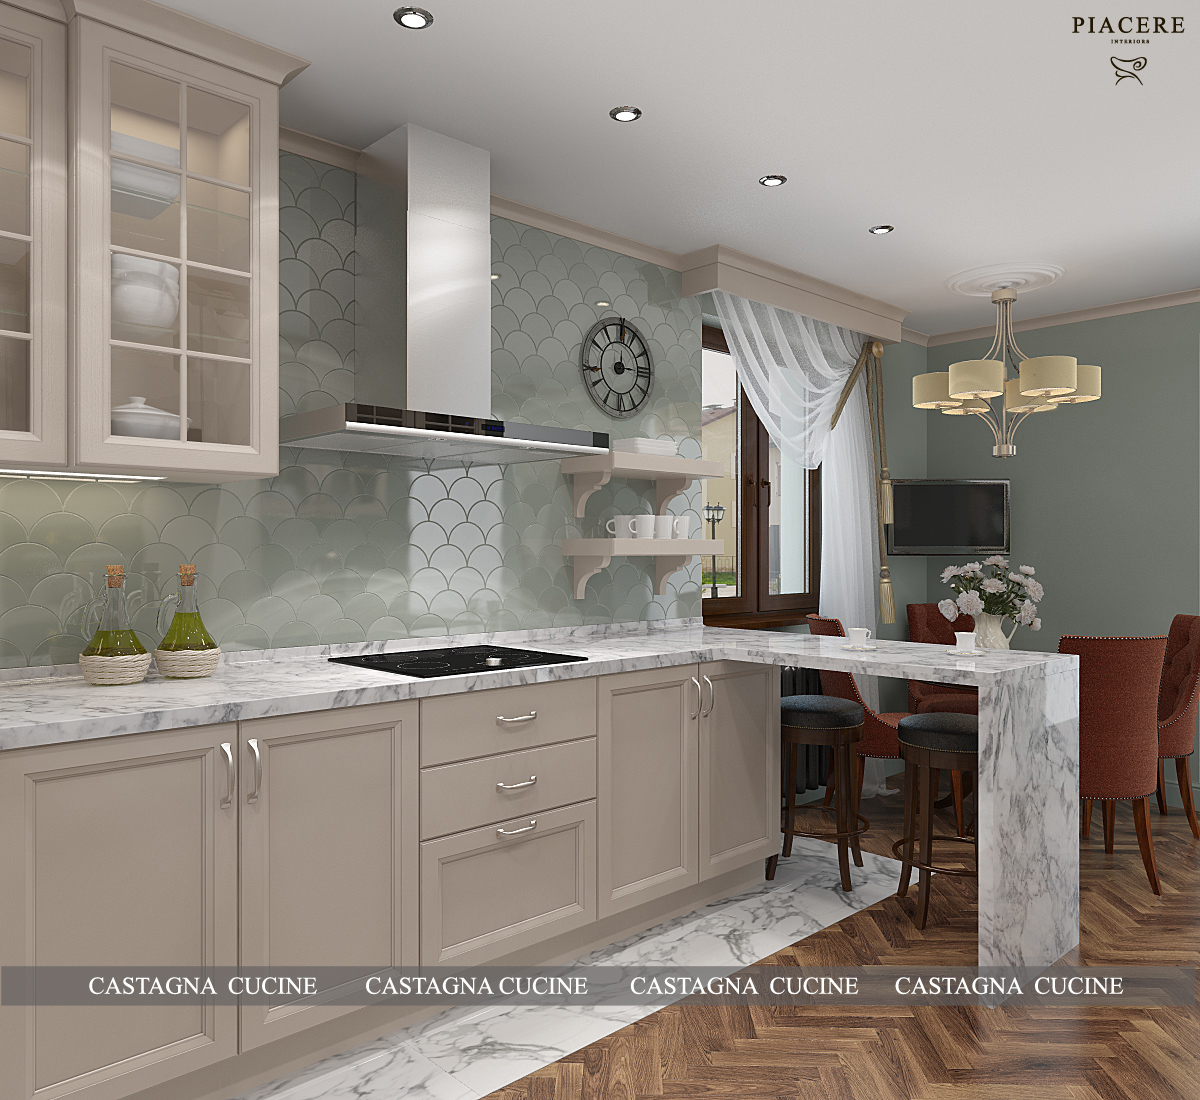 _SSCH2014_09_03_kitchen_v1_VRayPhysicalCamera005